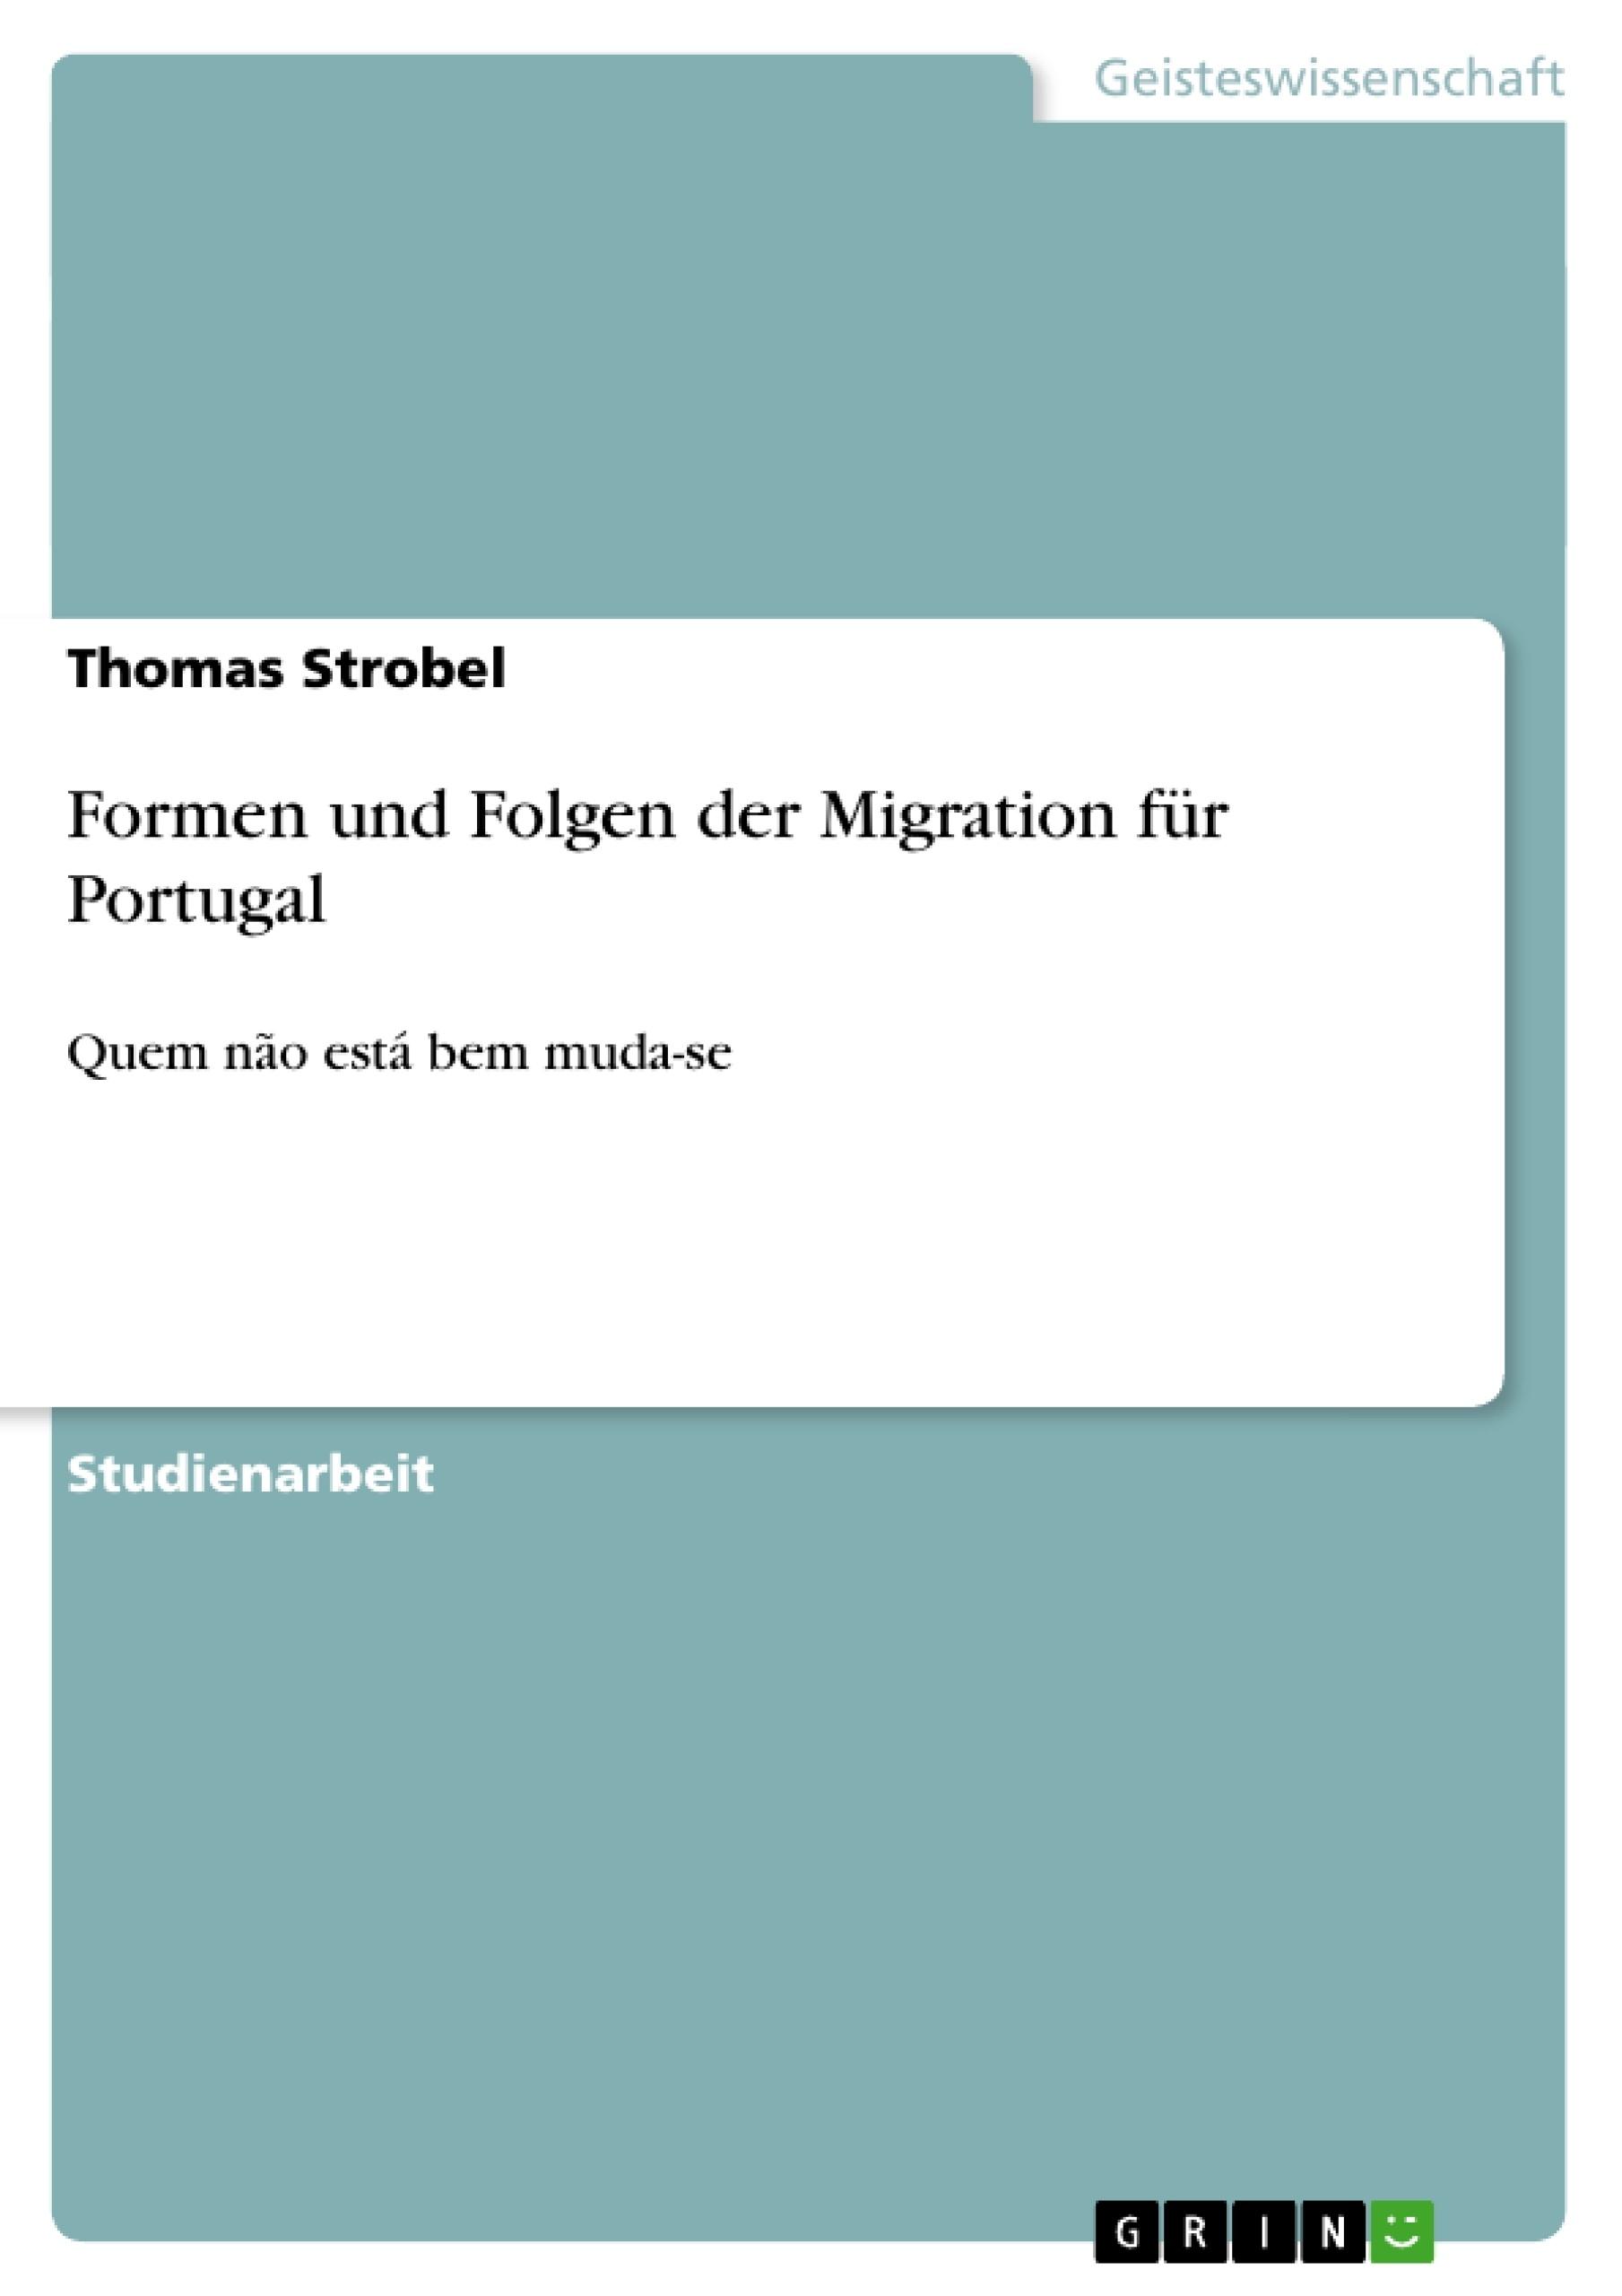 Titel: Formen und Folgen der Migration für Portugal